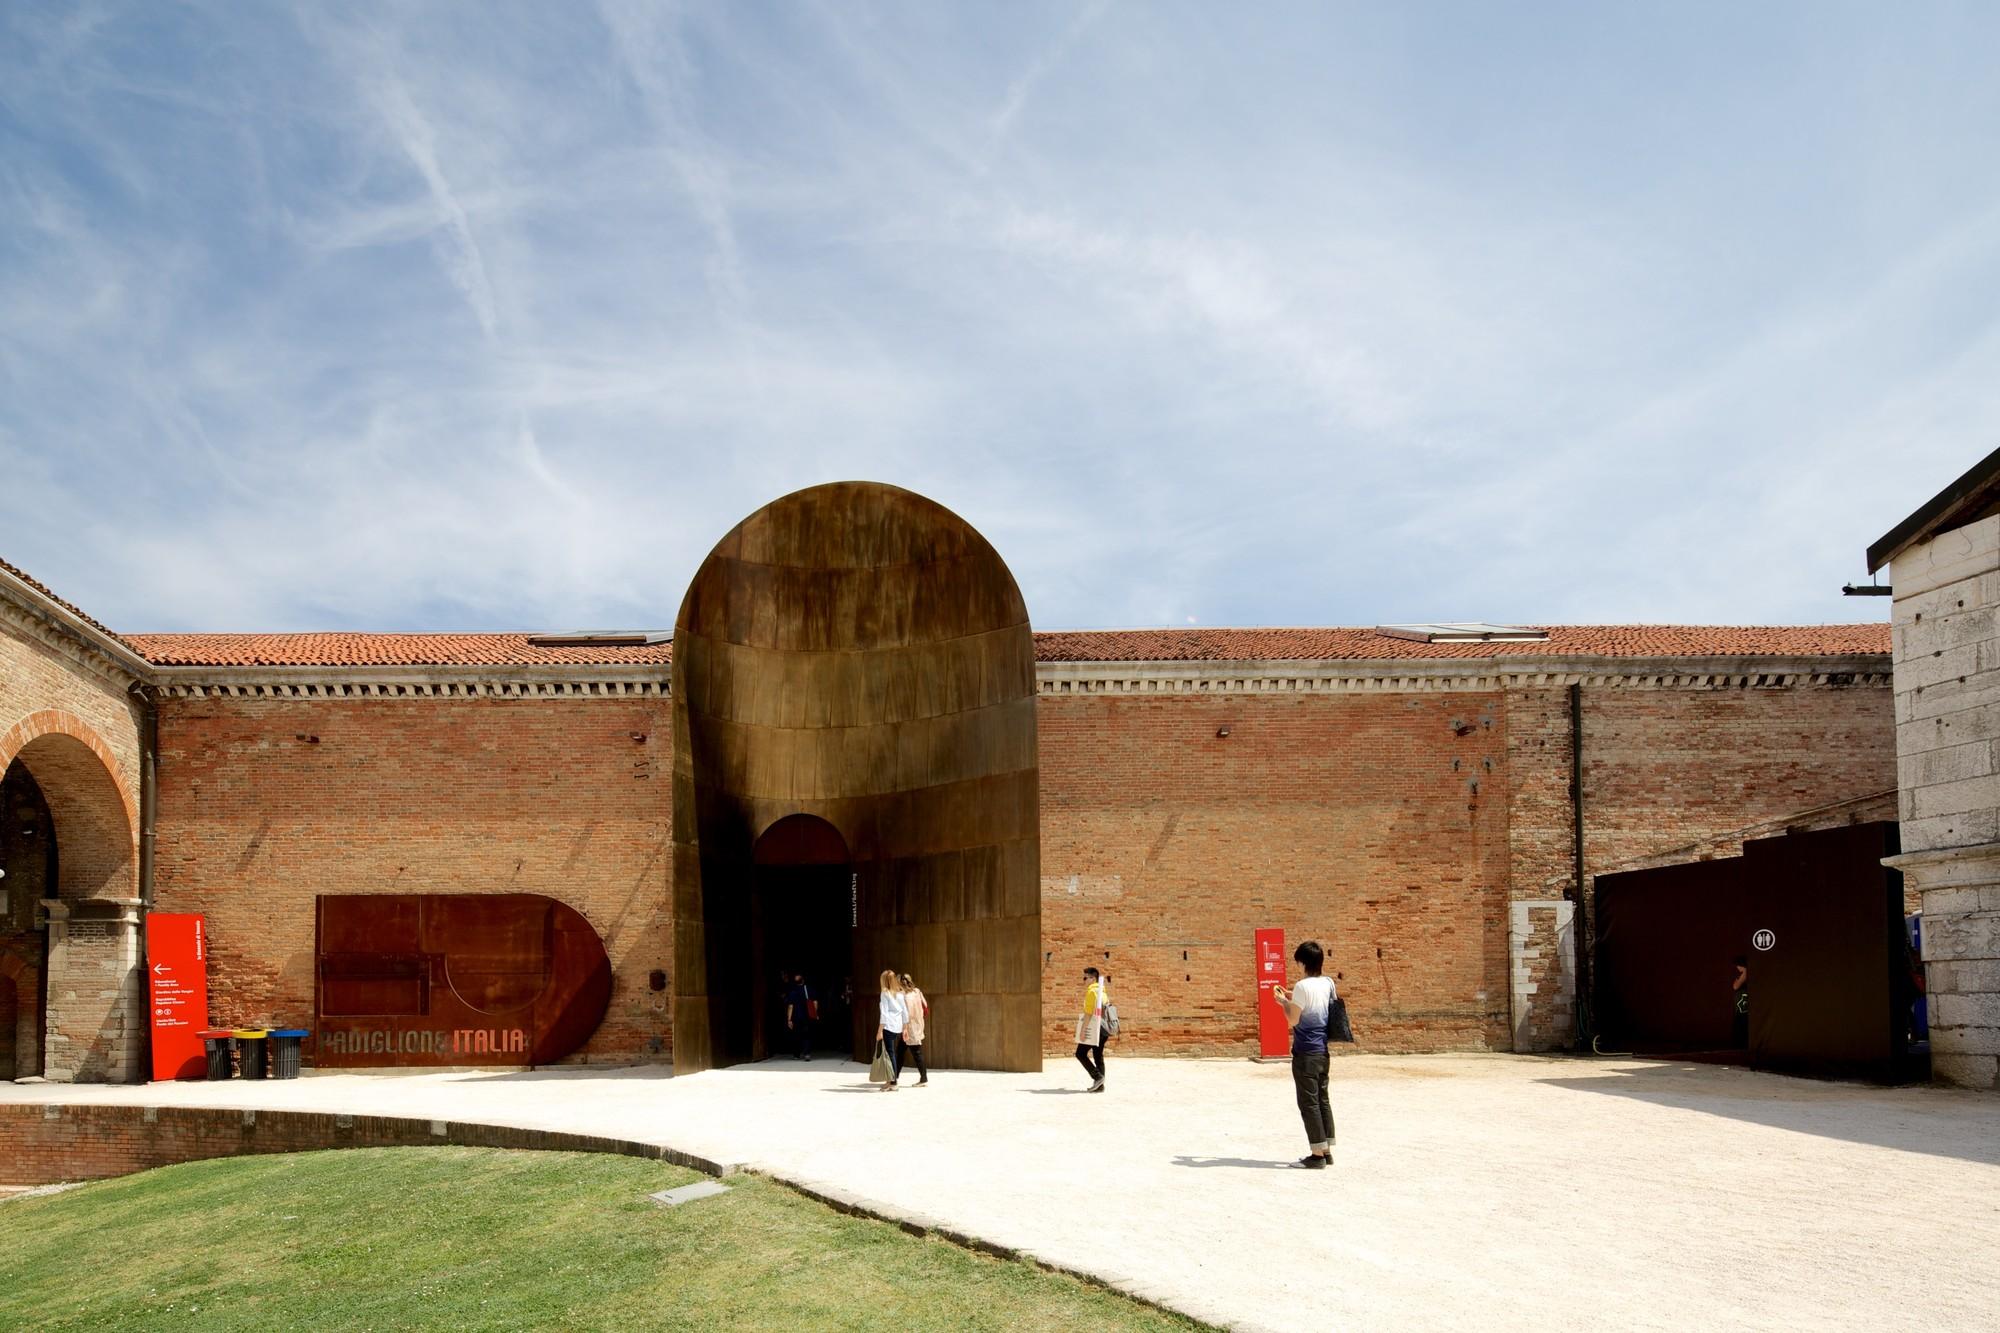 Un tunnel spazio-temporale. Le Biennali dei curatori: 2009, la scena italiana secondo Birnbaum